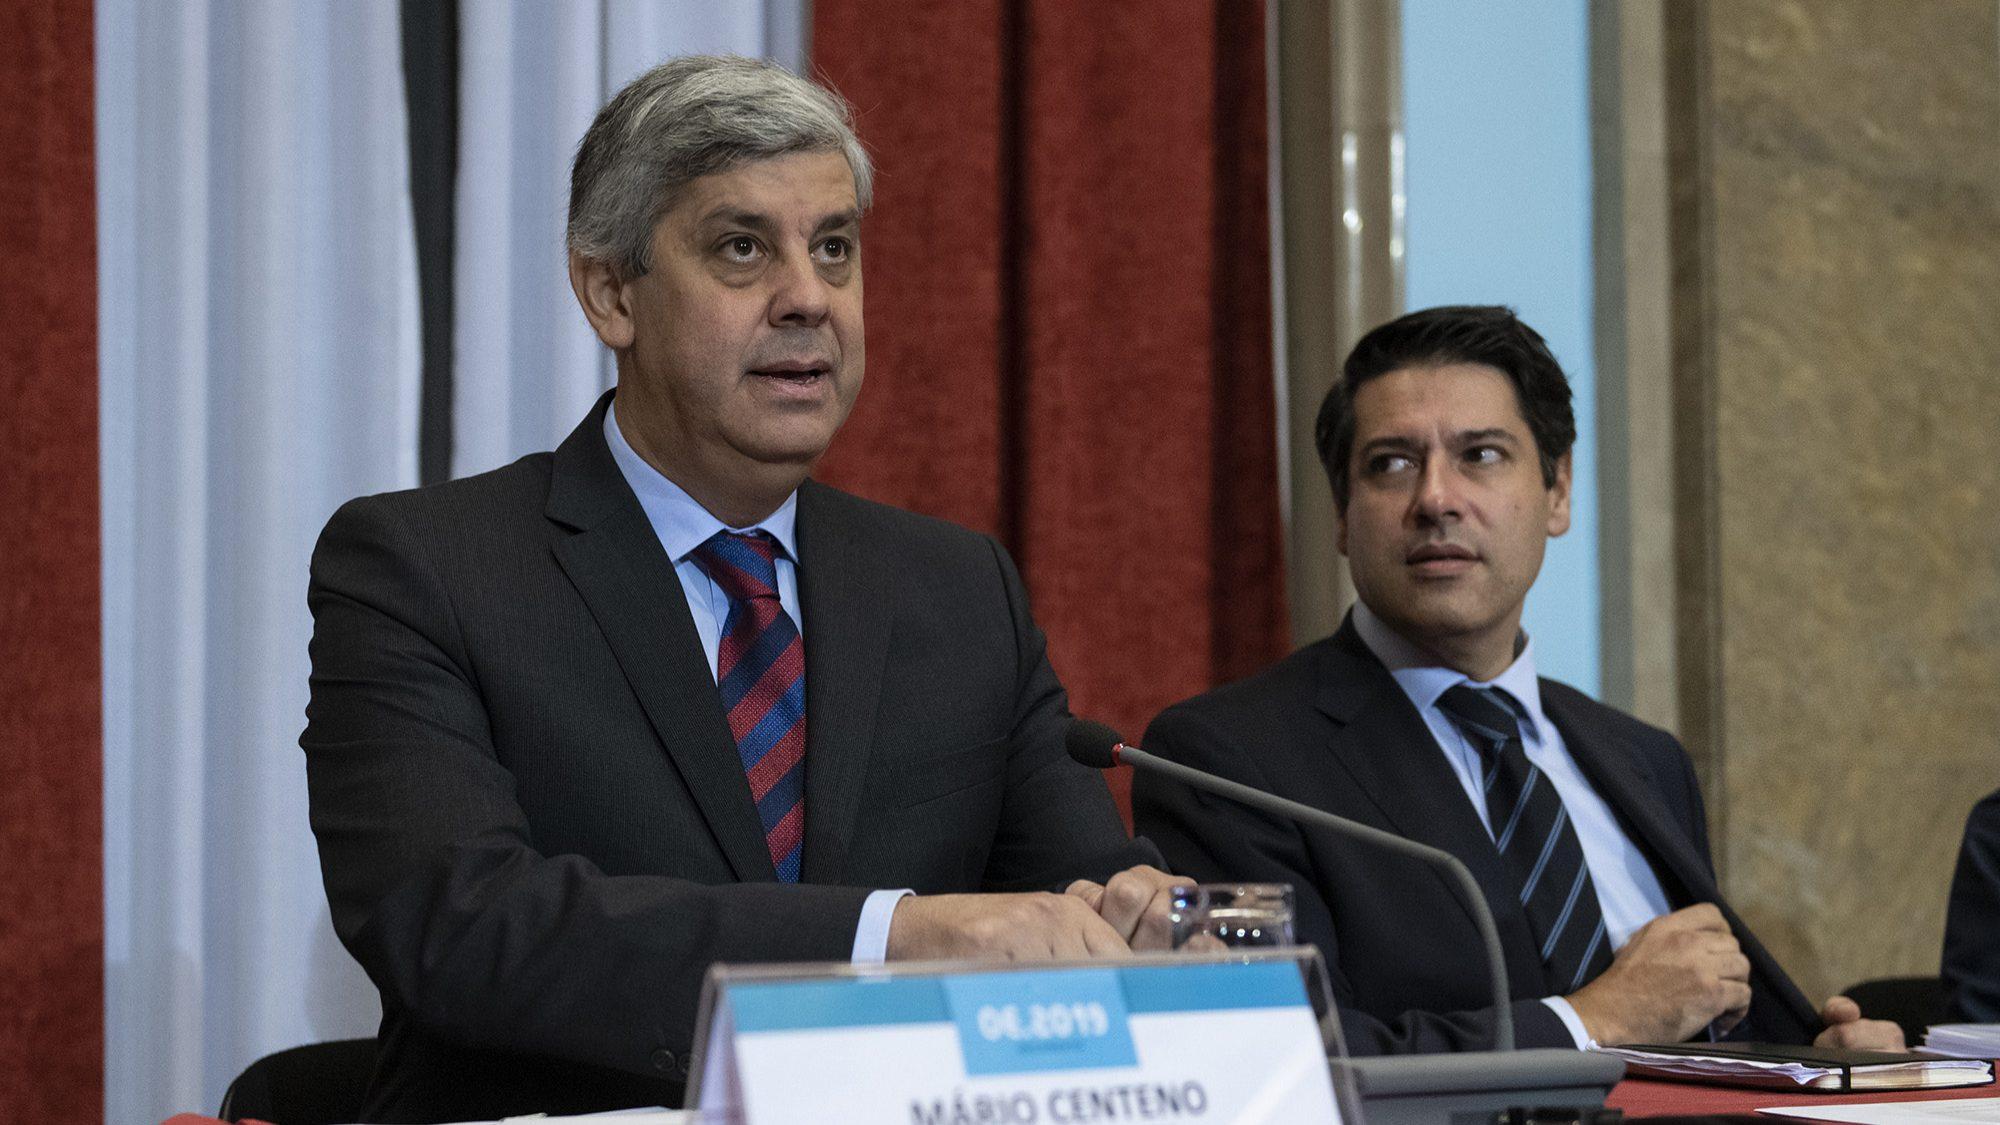 Governo conta com dividendos da CGD mas ainda não tem aval de Bruxelas e BCE